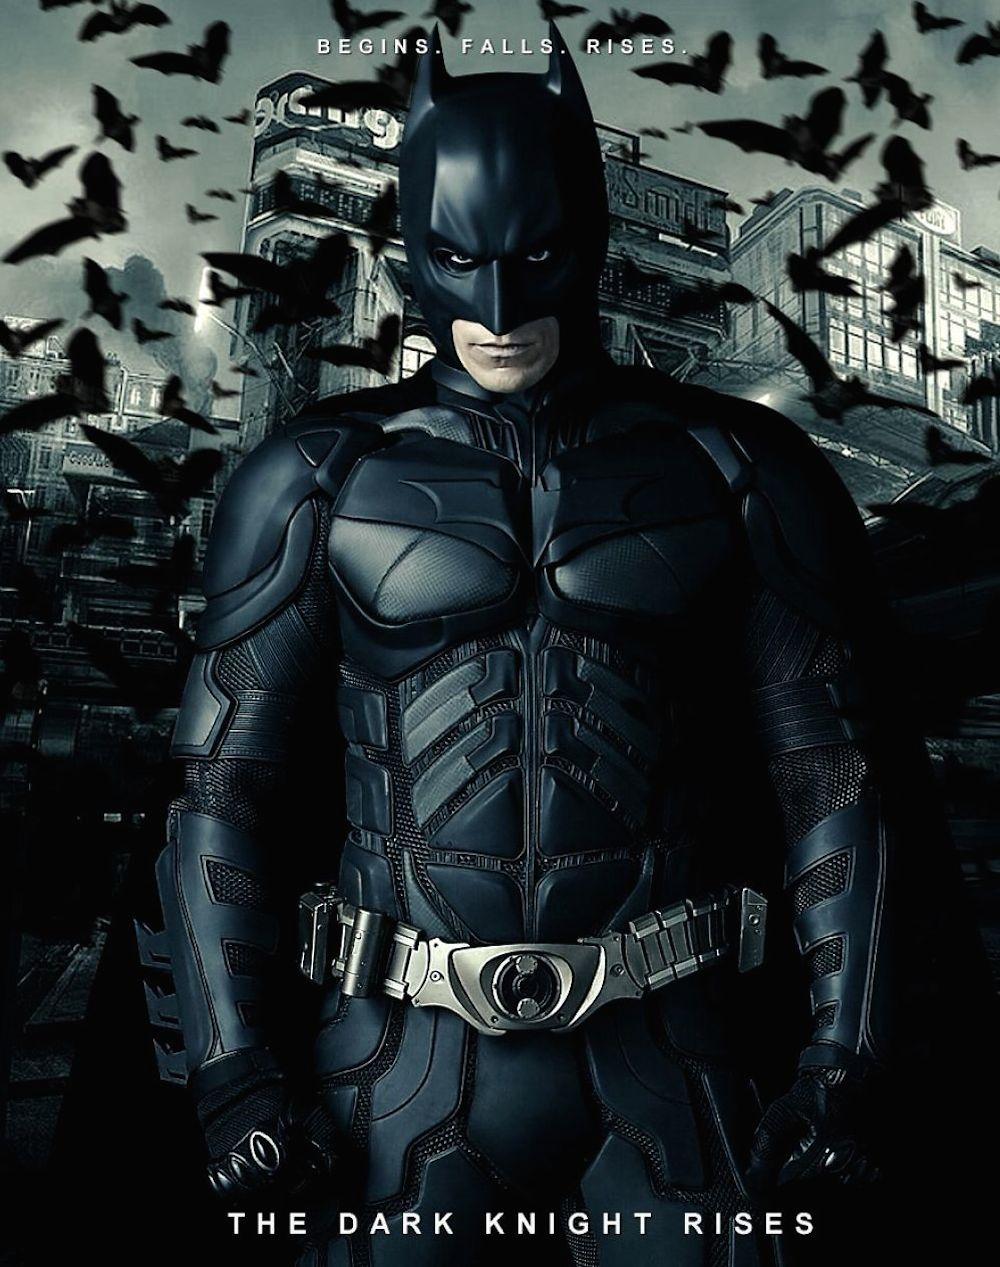 Christian Bale's batsuit